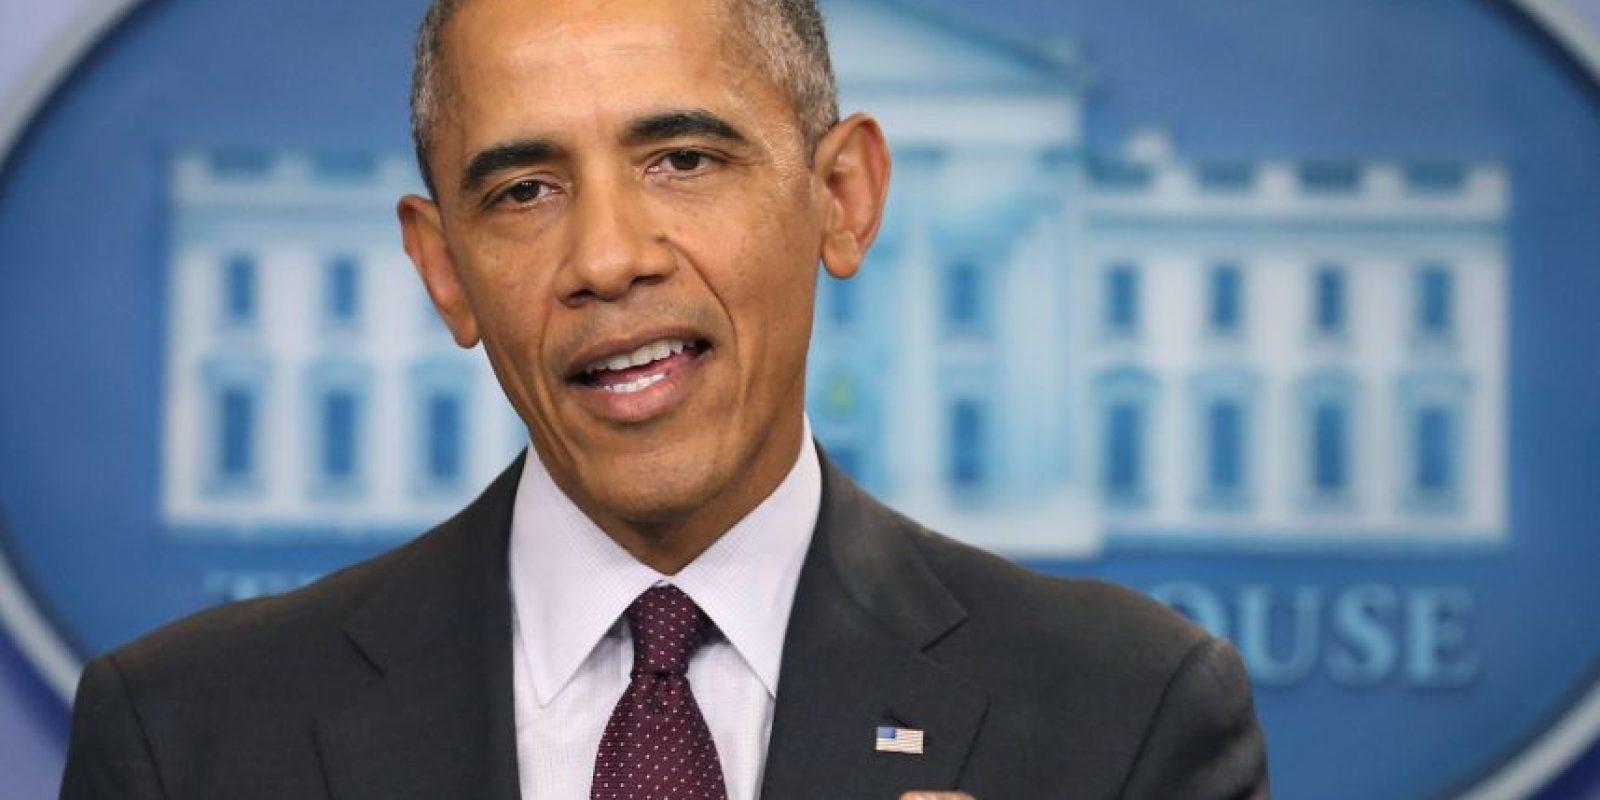 En un mensaje a la Nación, el presidente Obama culpó al Congreso de no cambiar las legislaciones para establecer un control de armas Foto:Getty Images